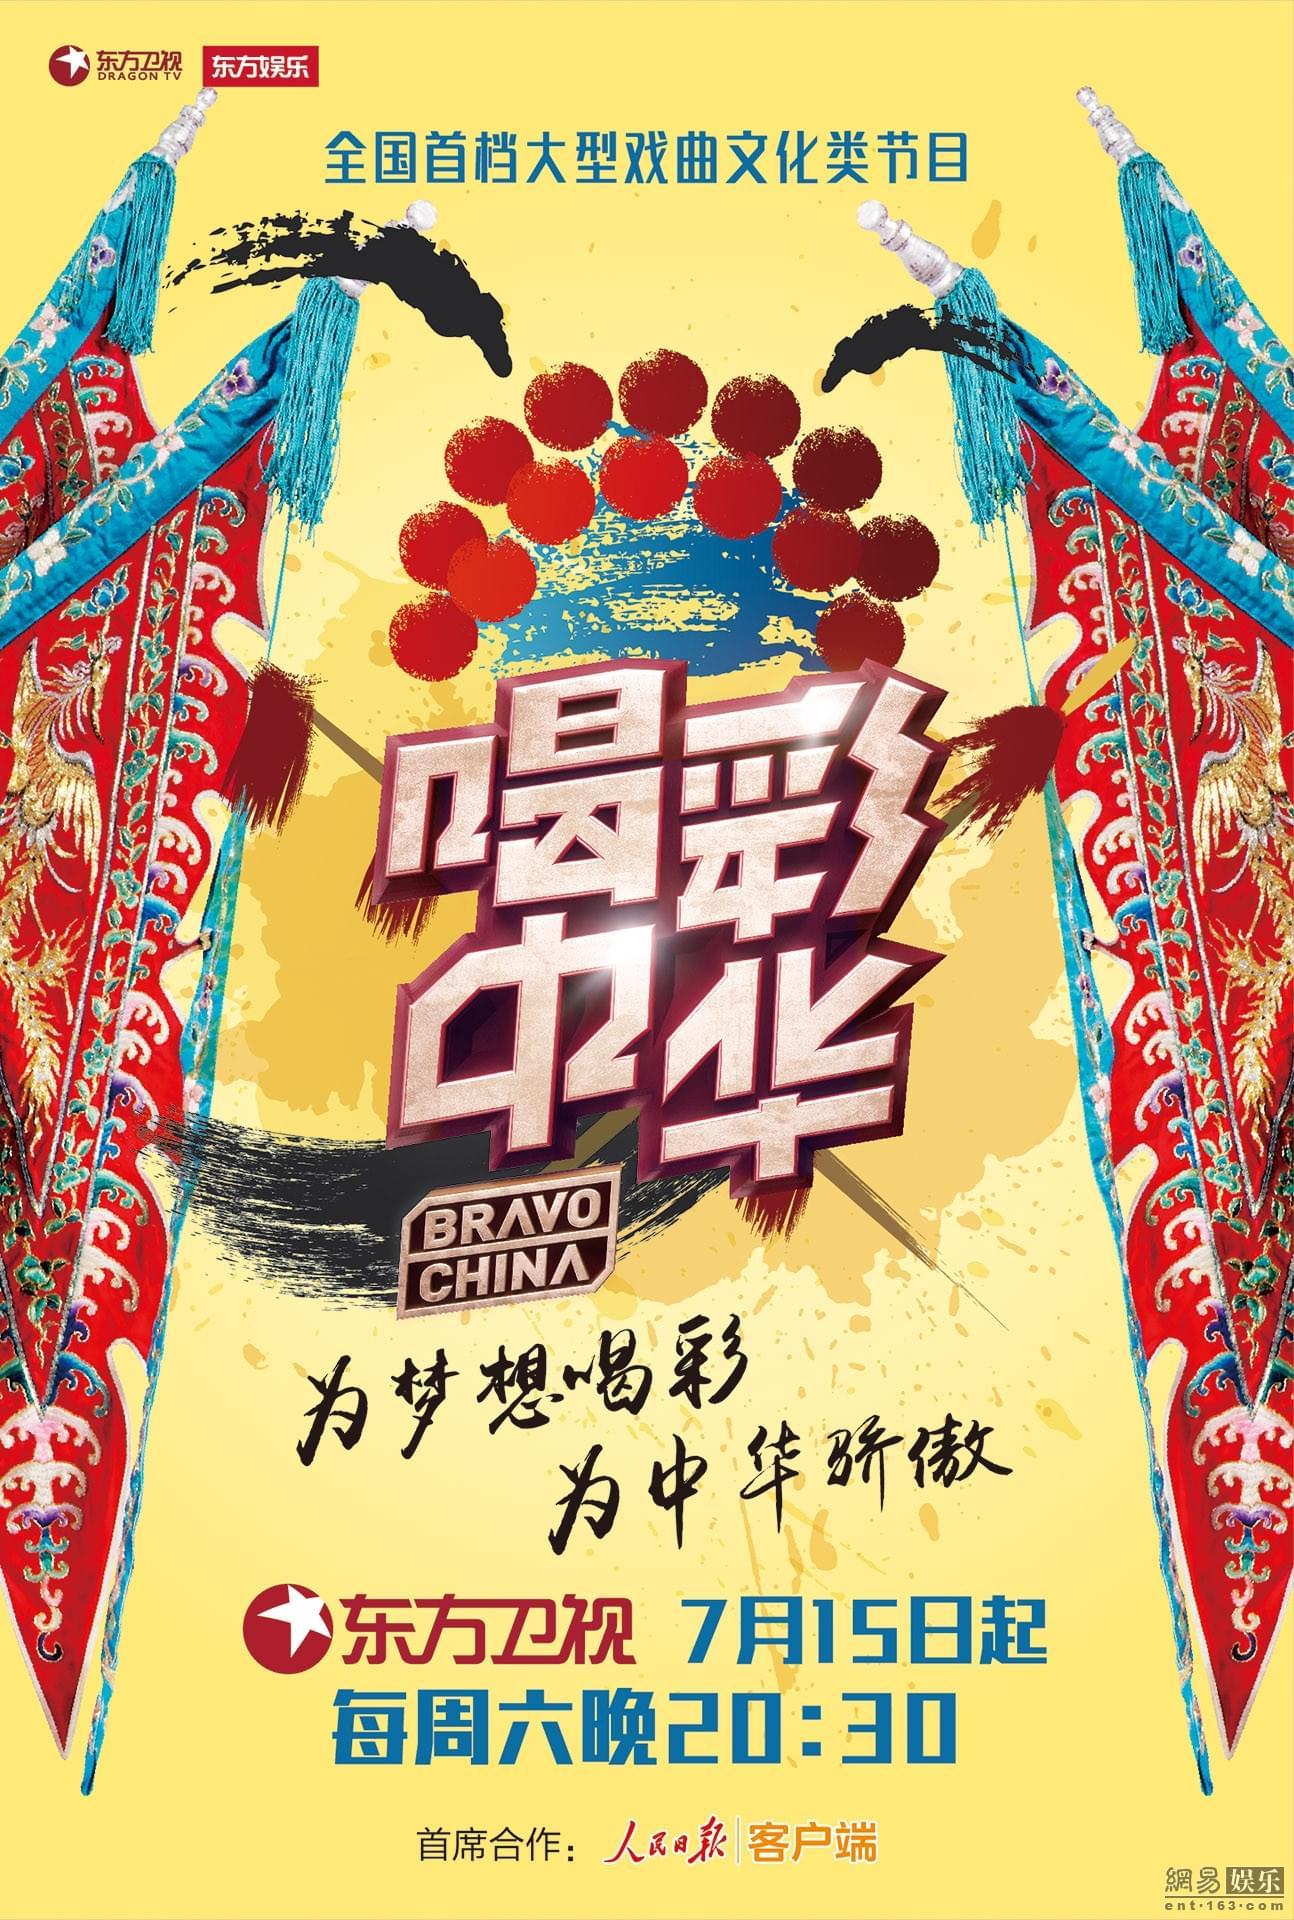 东方打造首档戏曲文化类节目 7月《喝彩中华》